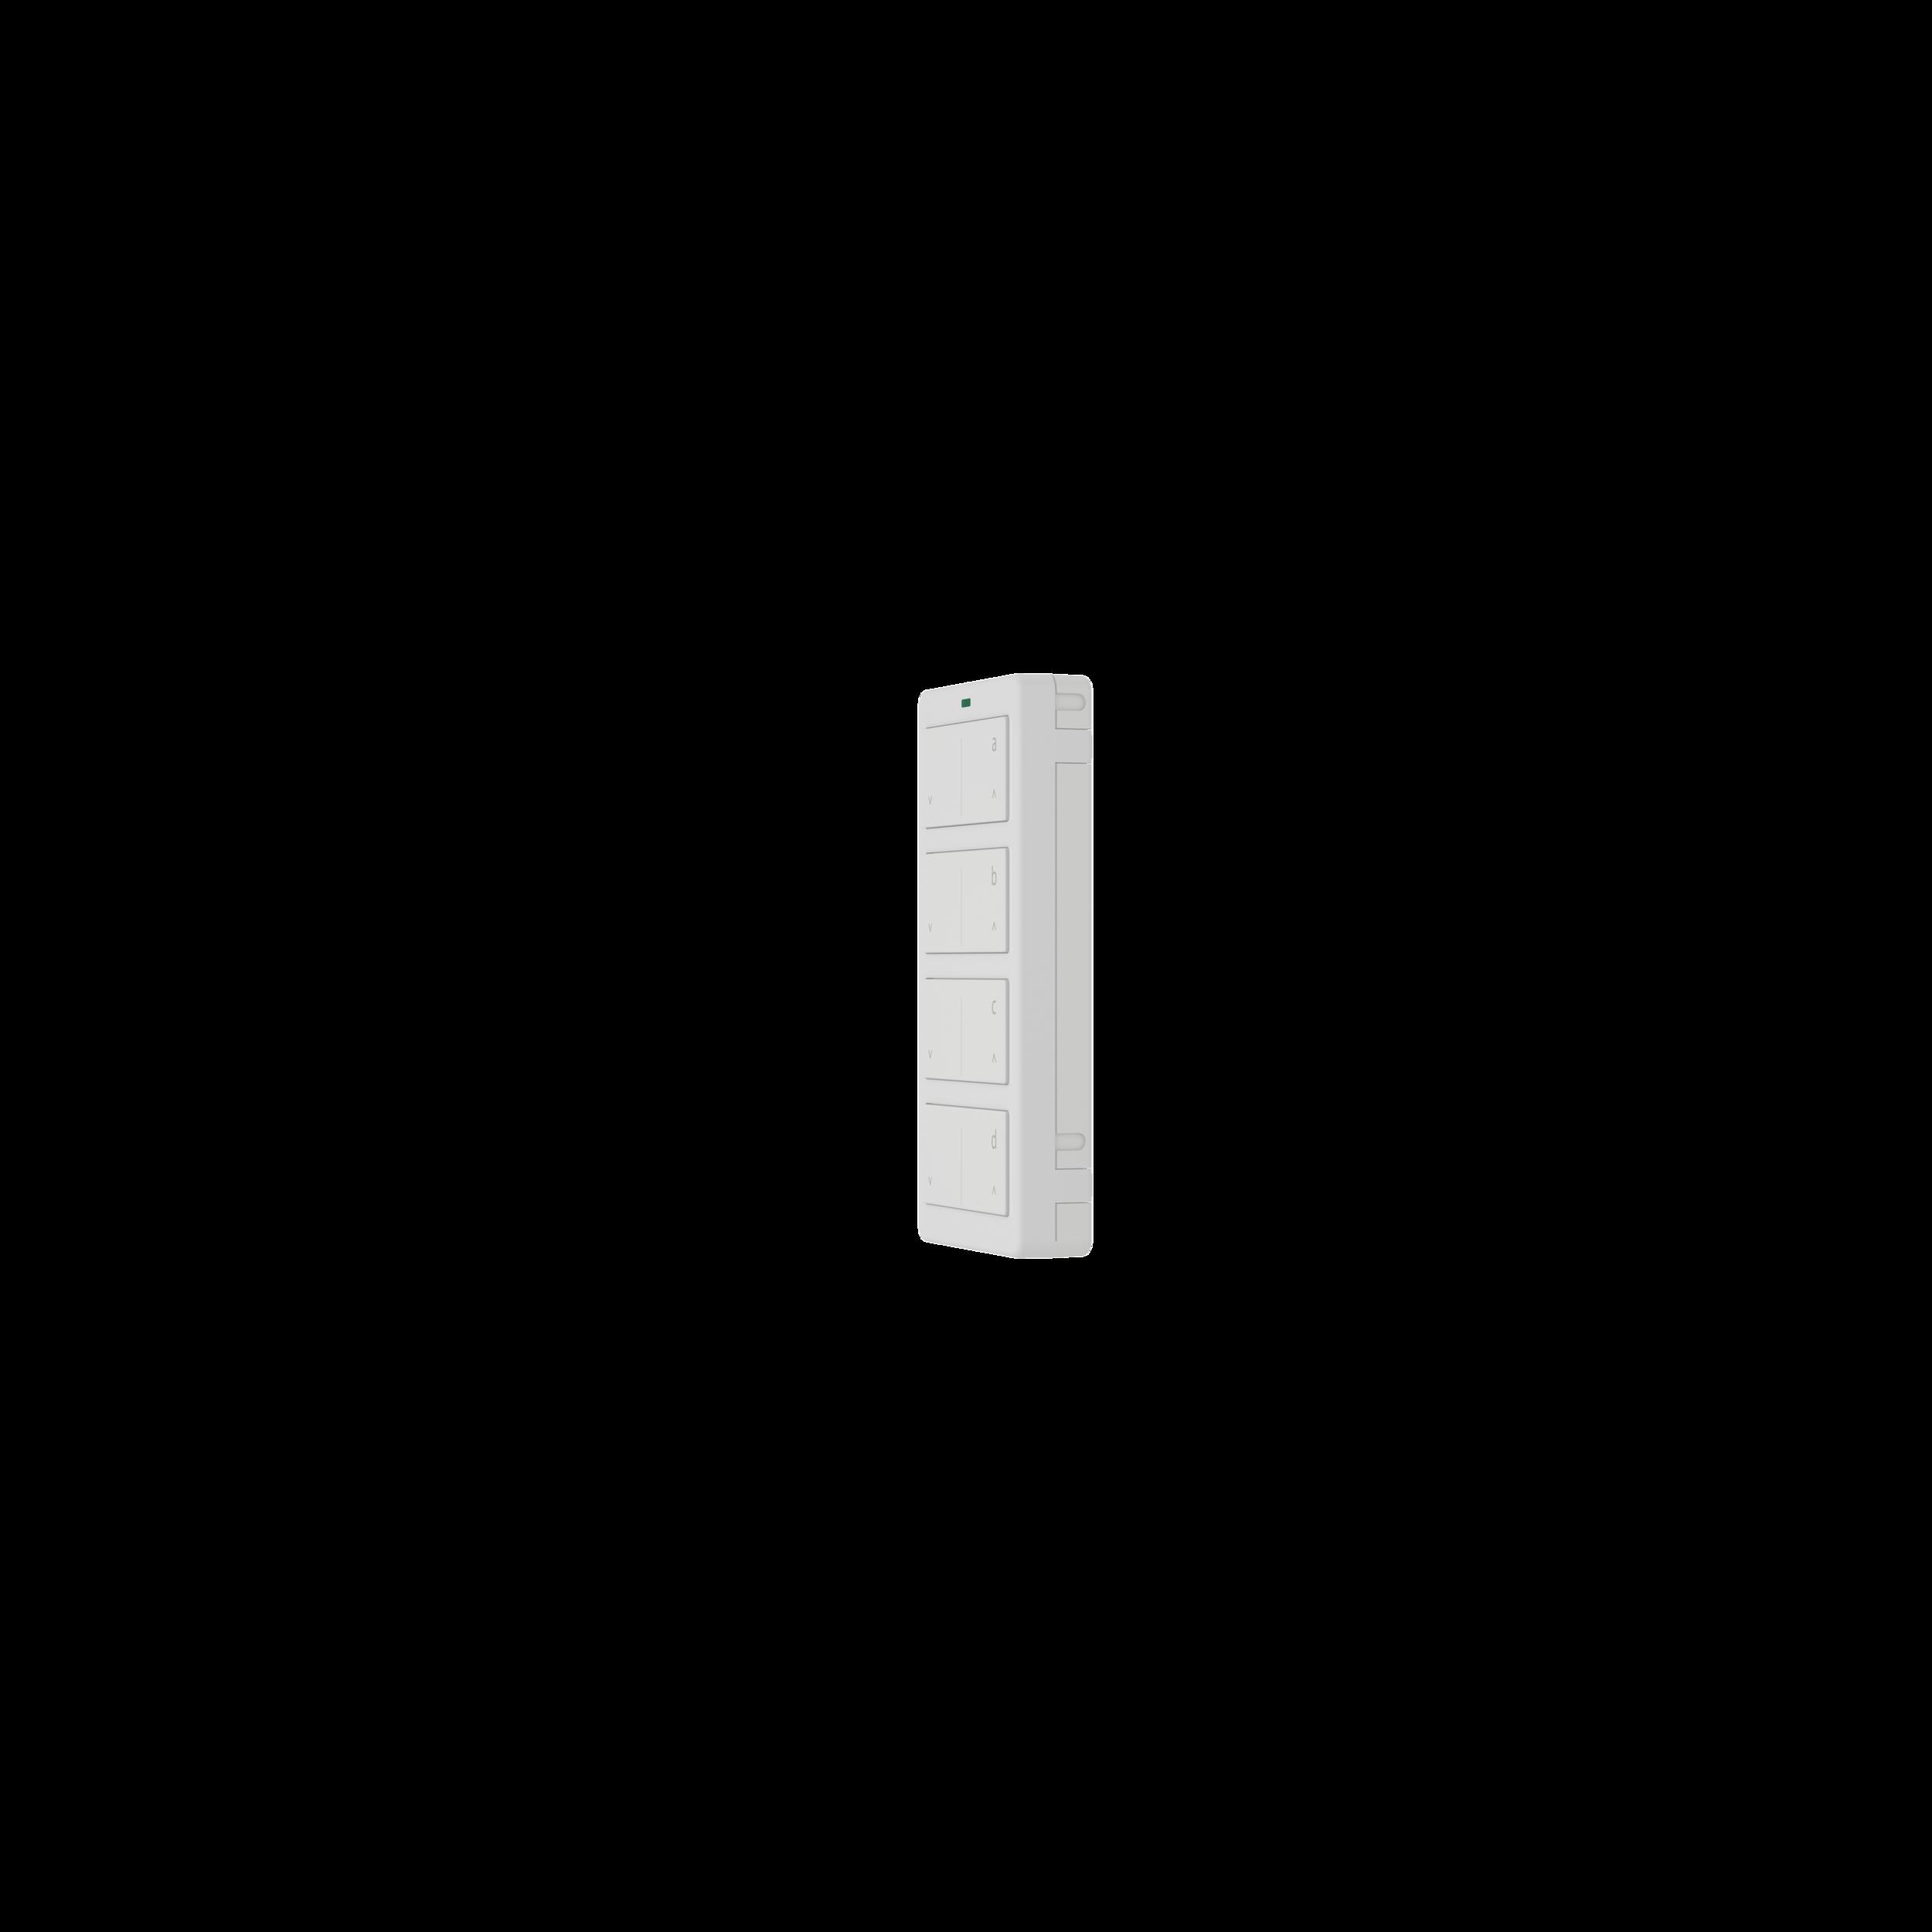 Mini Remote 03.png